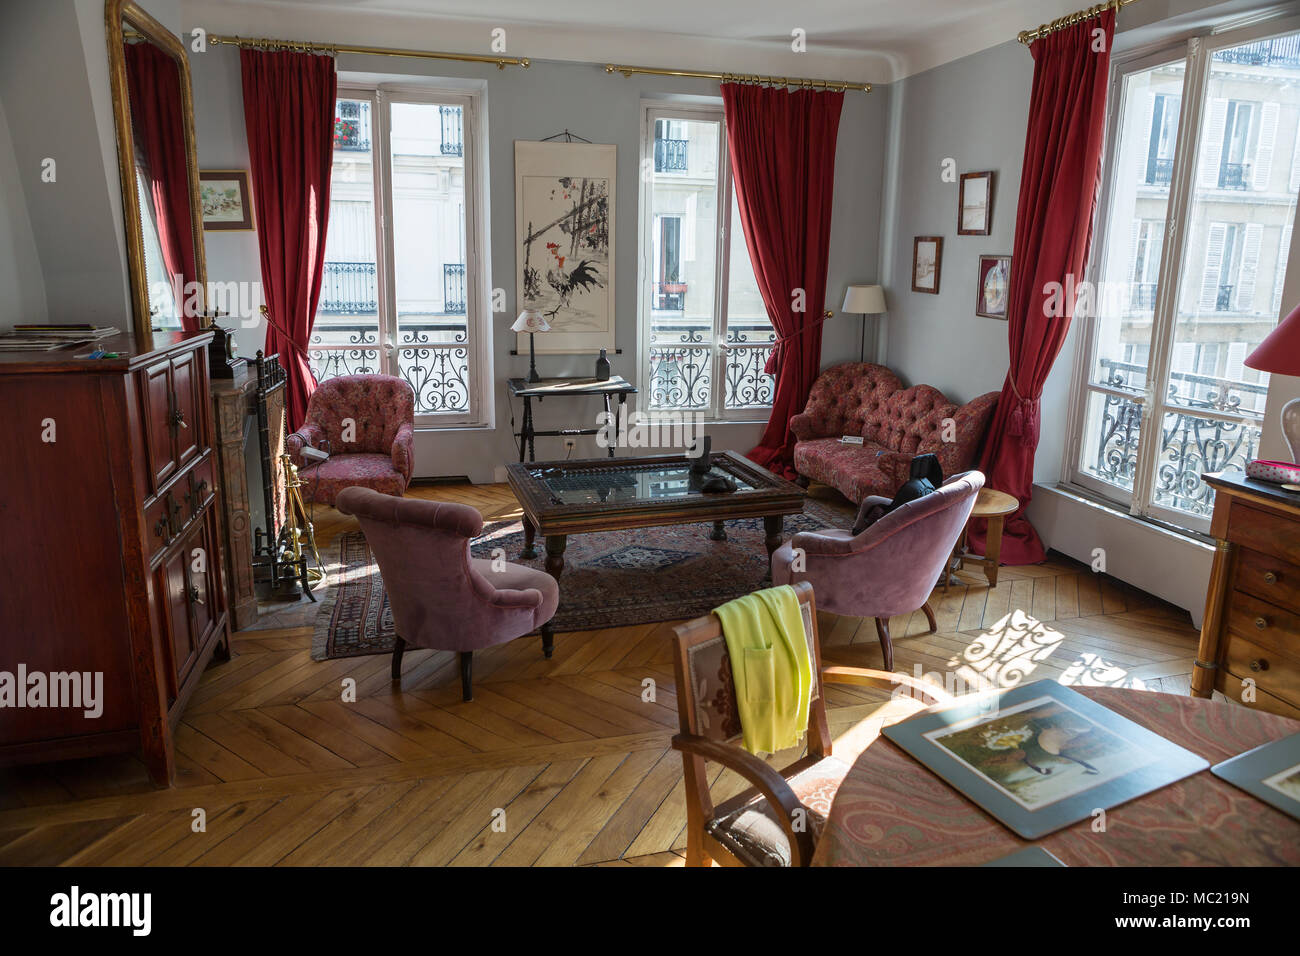 Monolocali In Vendita A Parigi appartamento interno di parigi immagini & appartamento